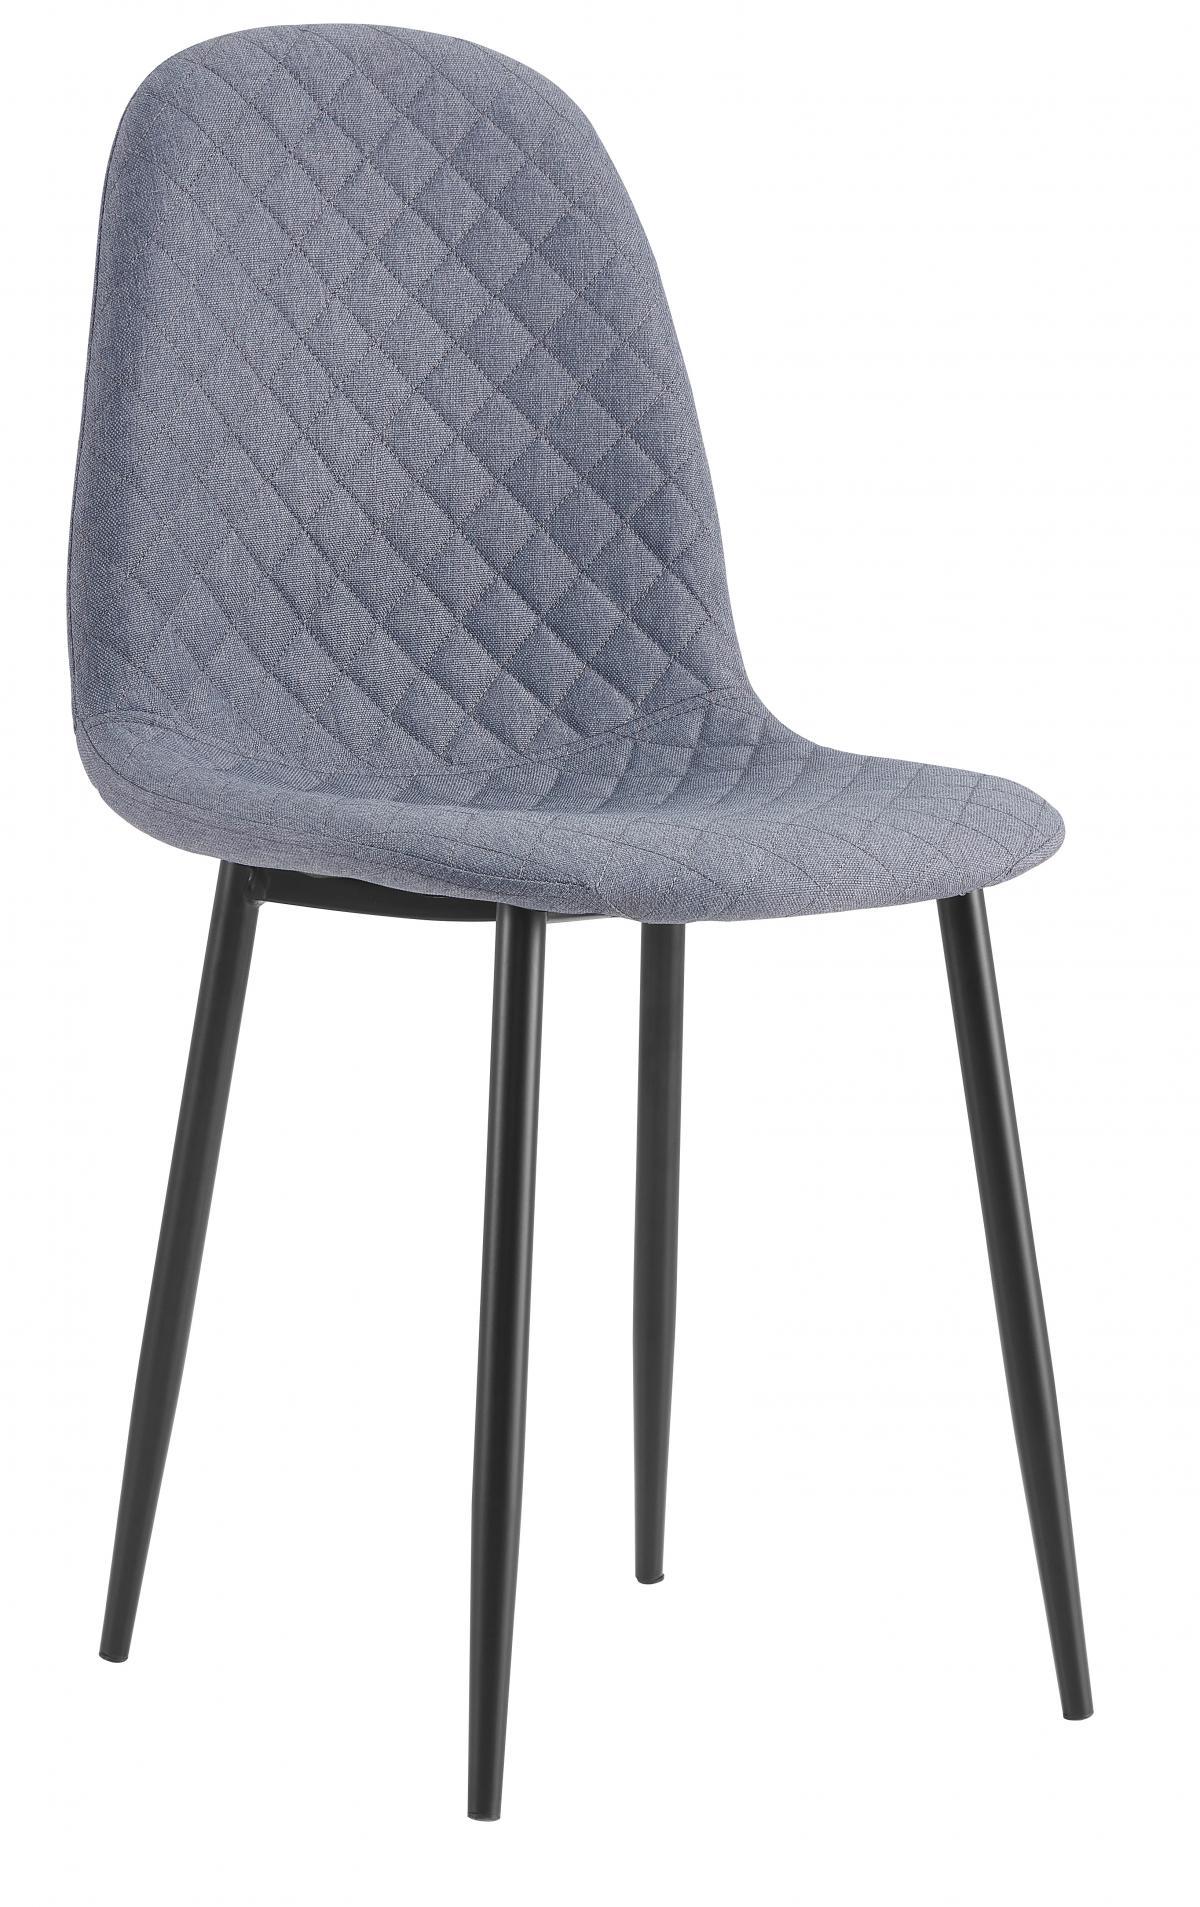 כסא לפינת אוכל דגם SOLNA CHIC בד אריג אפור